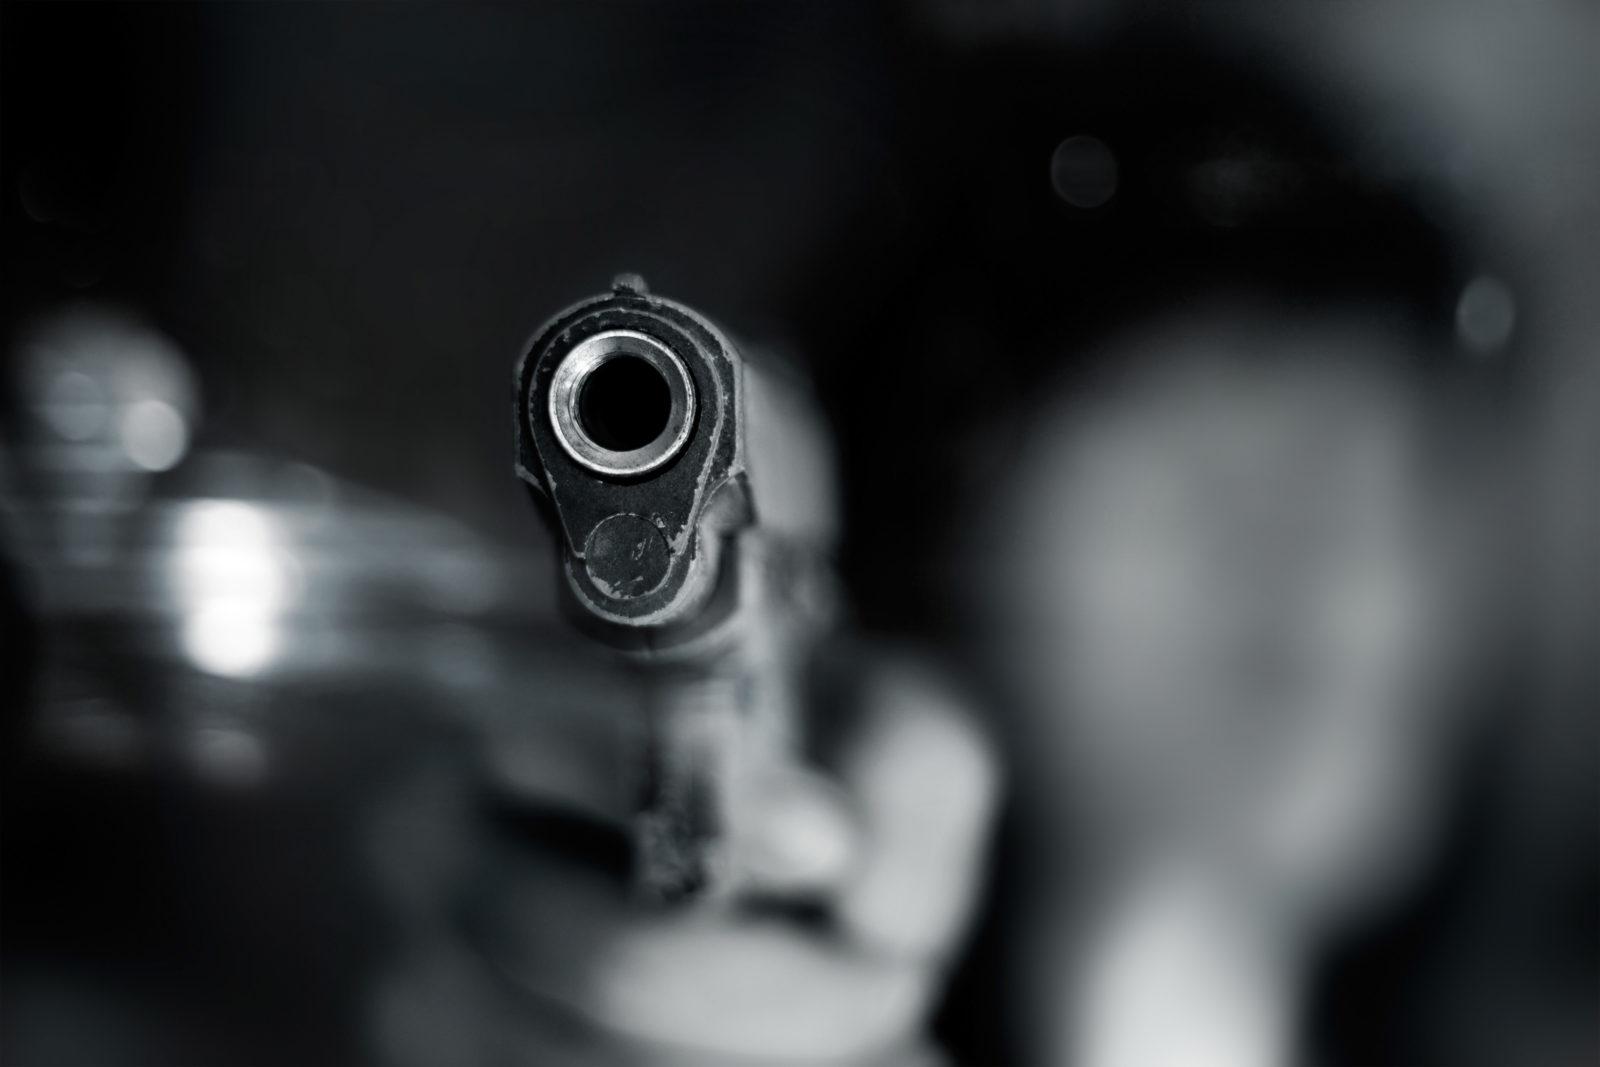 Defensa Penal - Arma de fuego